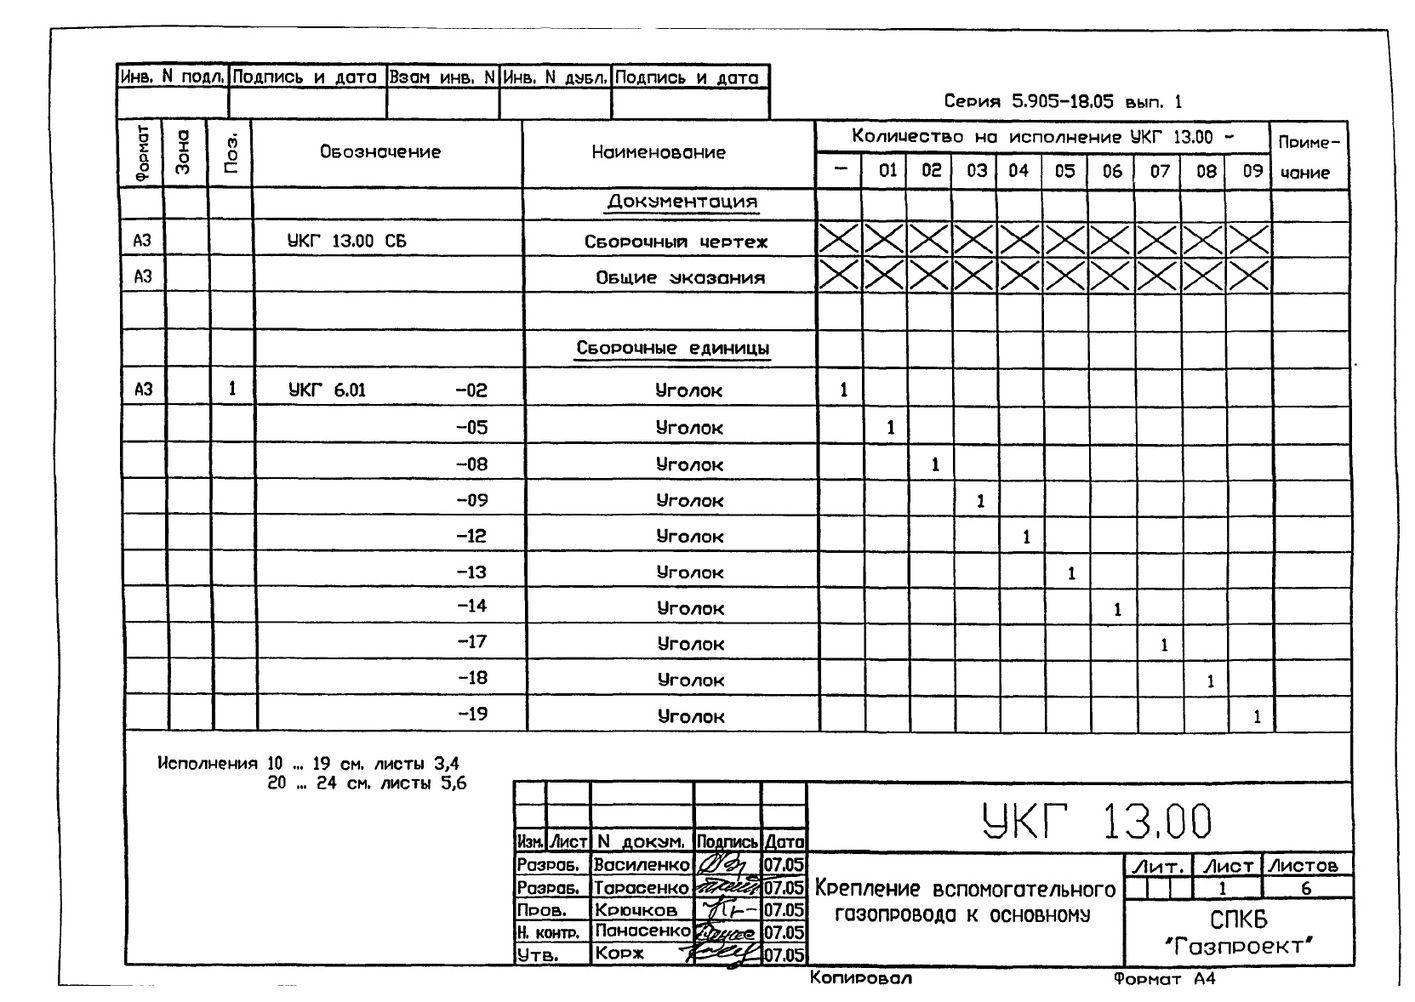 Крепление вспомогательного газопровода к основному УКГ 13.00 СБ серия 5.905-18.05 выпуск 1 стр.2